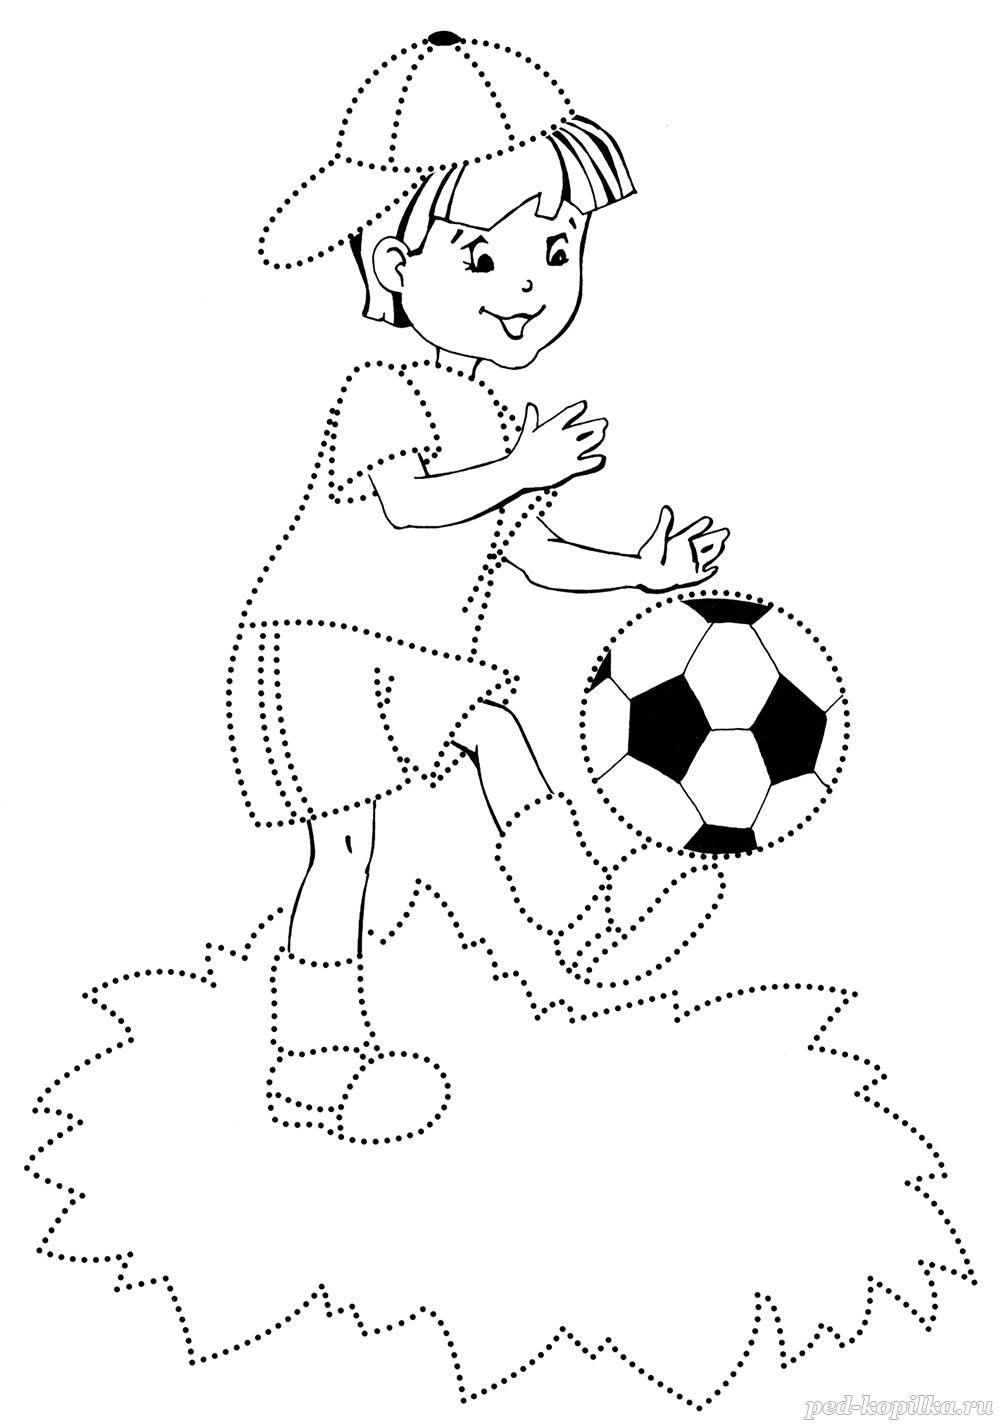 Футбол Распечатать раскраски для мальчиков